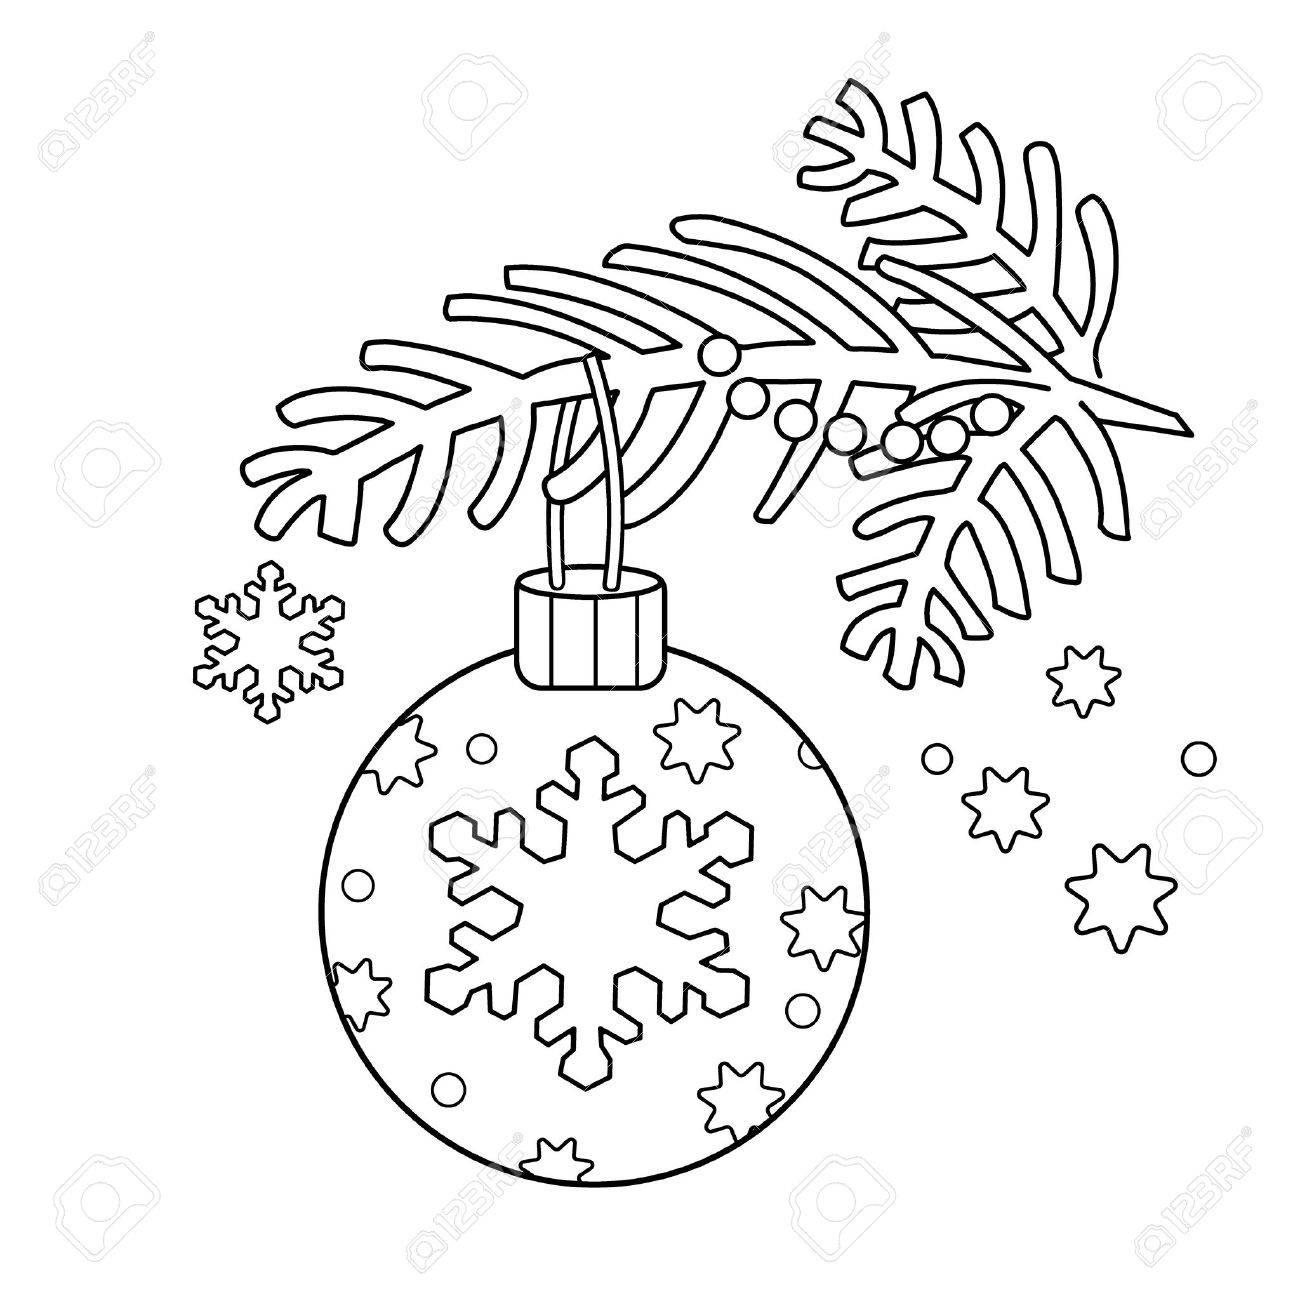 Arbre Pour Coloriage.Coloriage Contour De Decoration De Noel Branche D Arbre De Noel